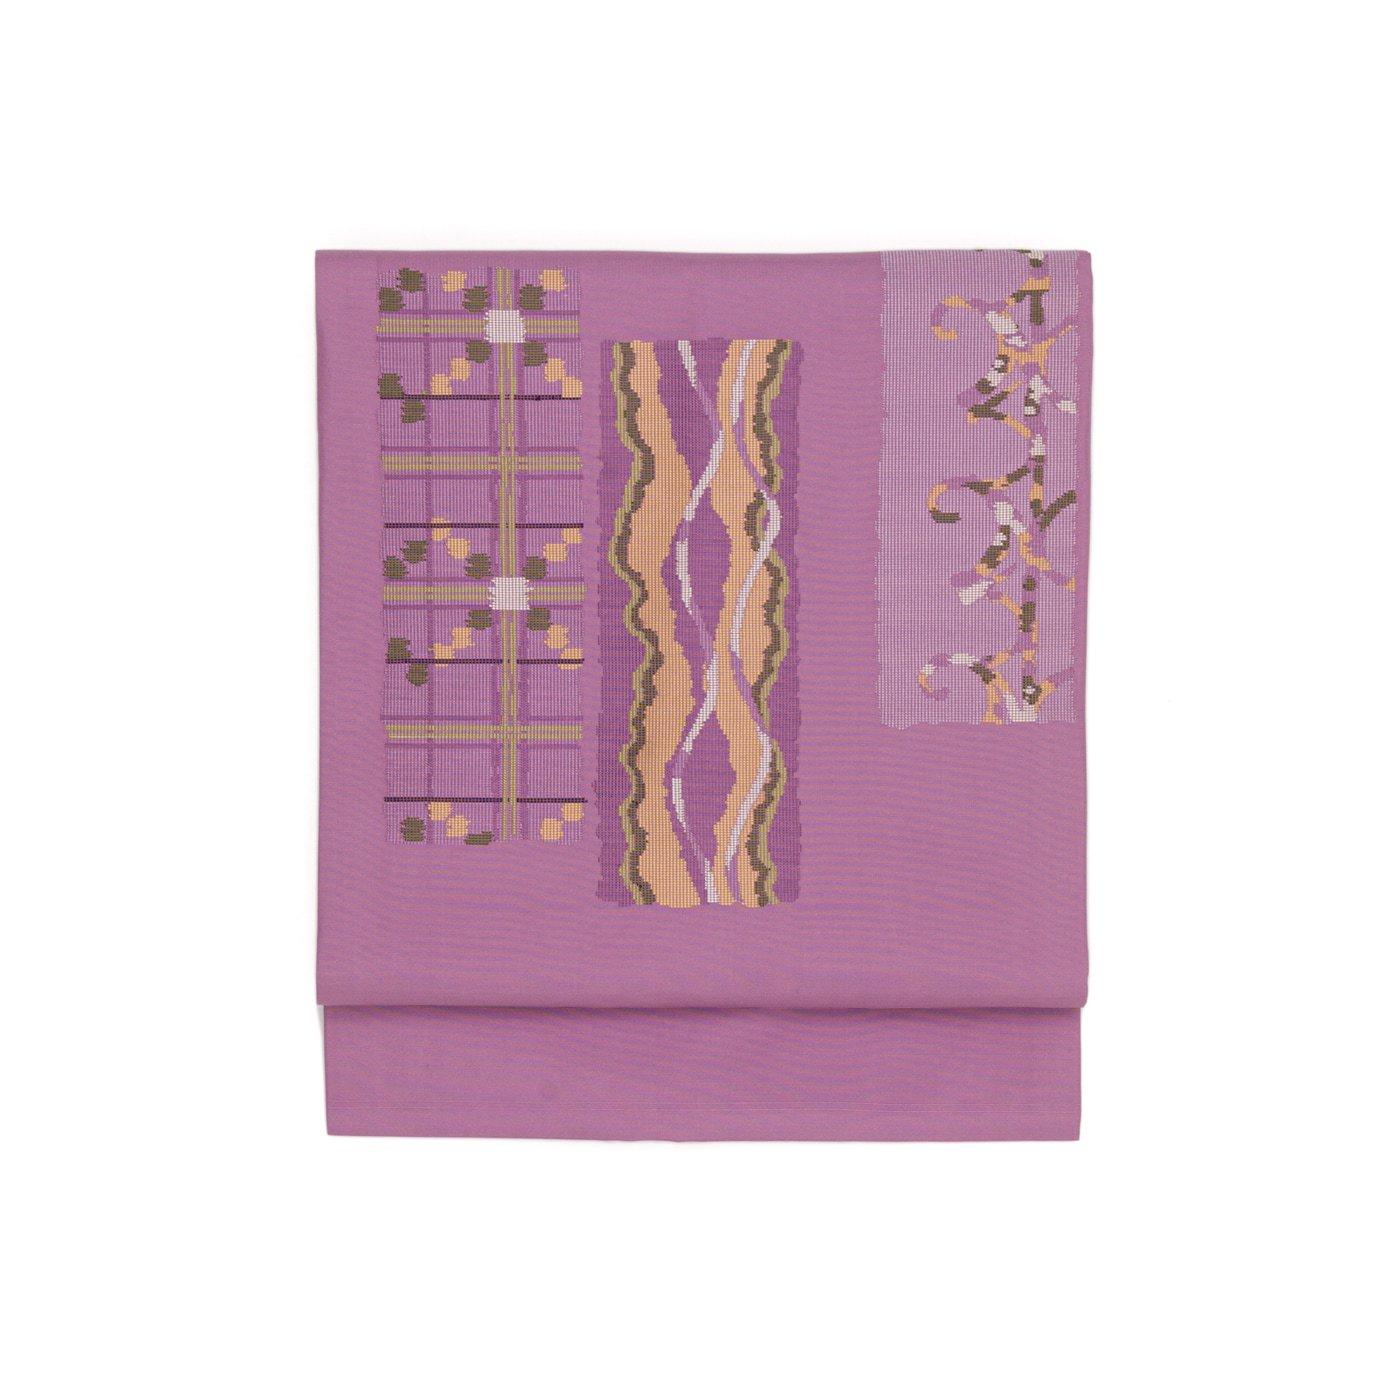 「紫の地 格子やよろけ縞」の商品画像